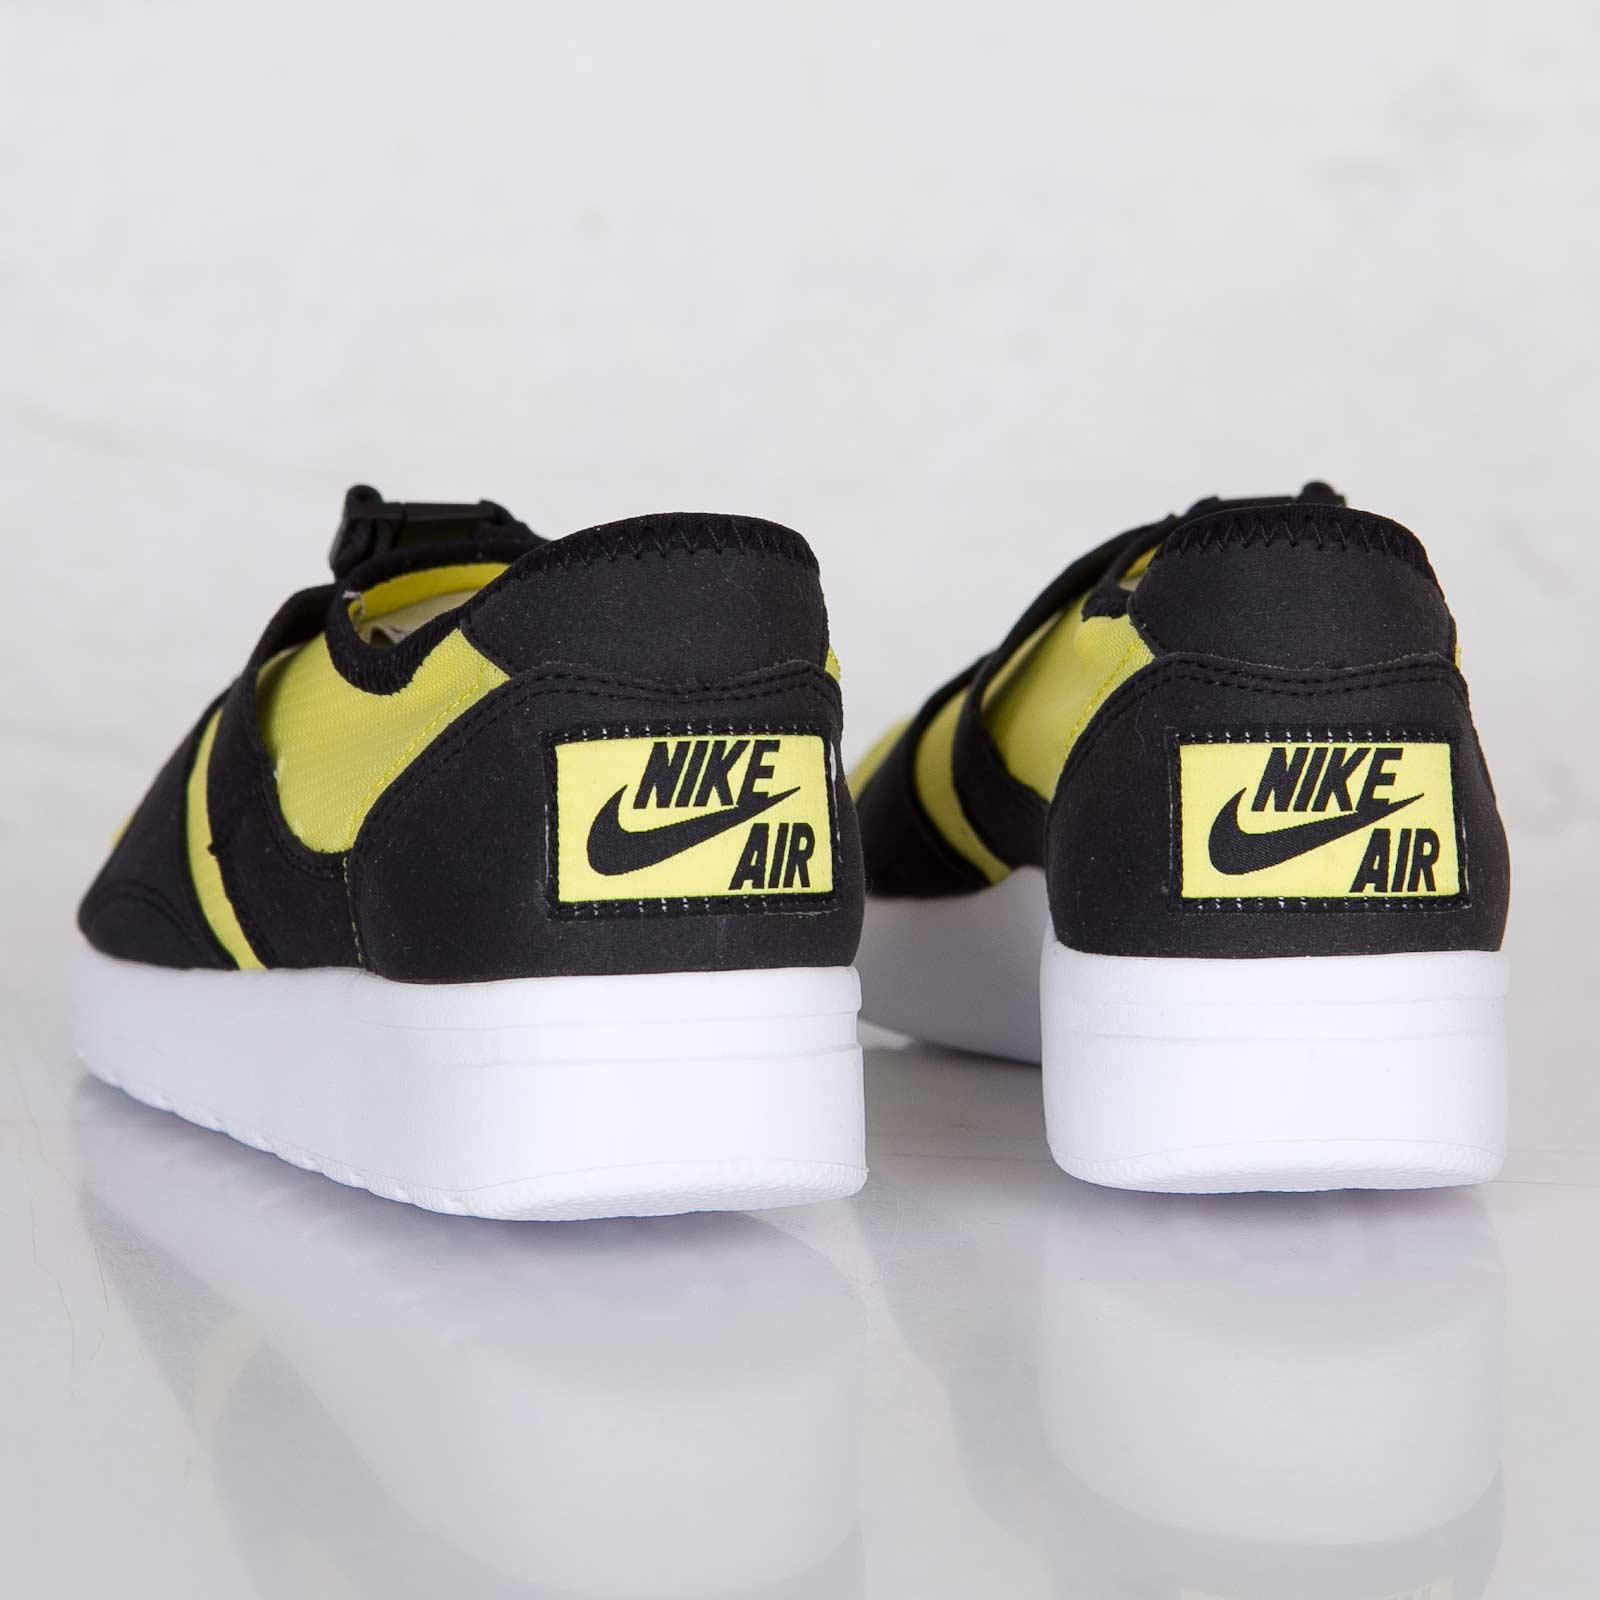 Regan infancia cuero  Nike Sock Racer SP - 677738-700 - Sneakersnstuff | sneakers & streetwear  online since 1999